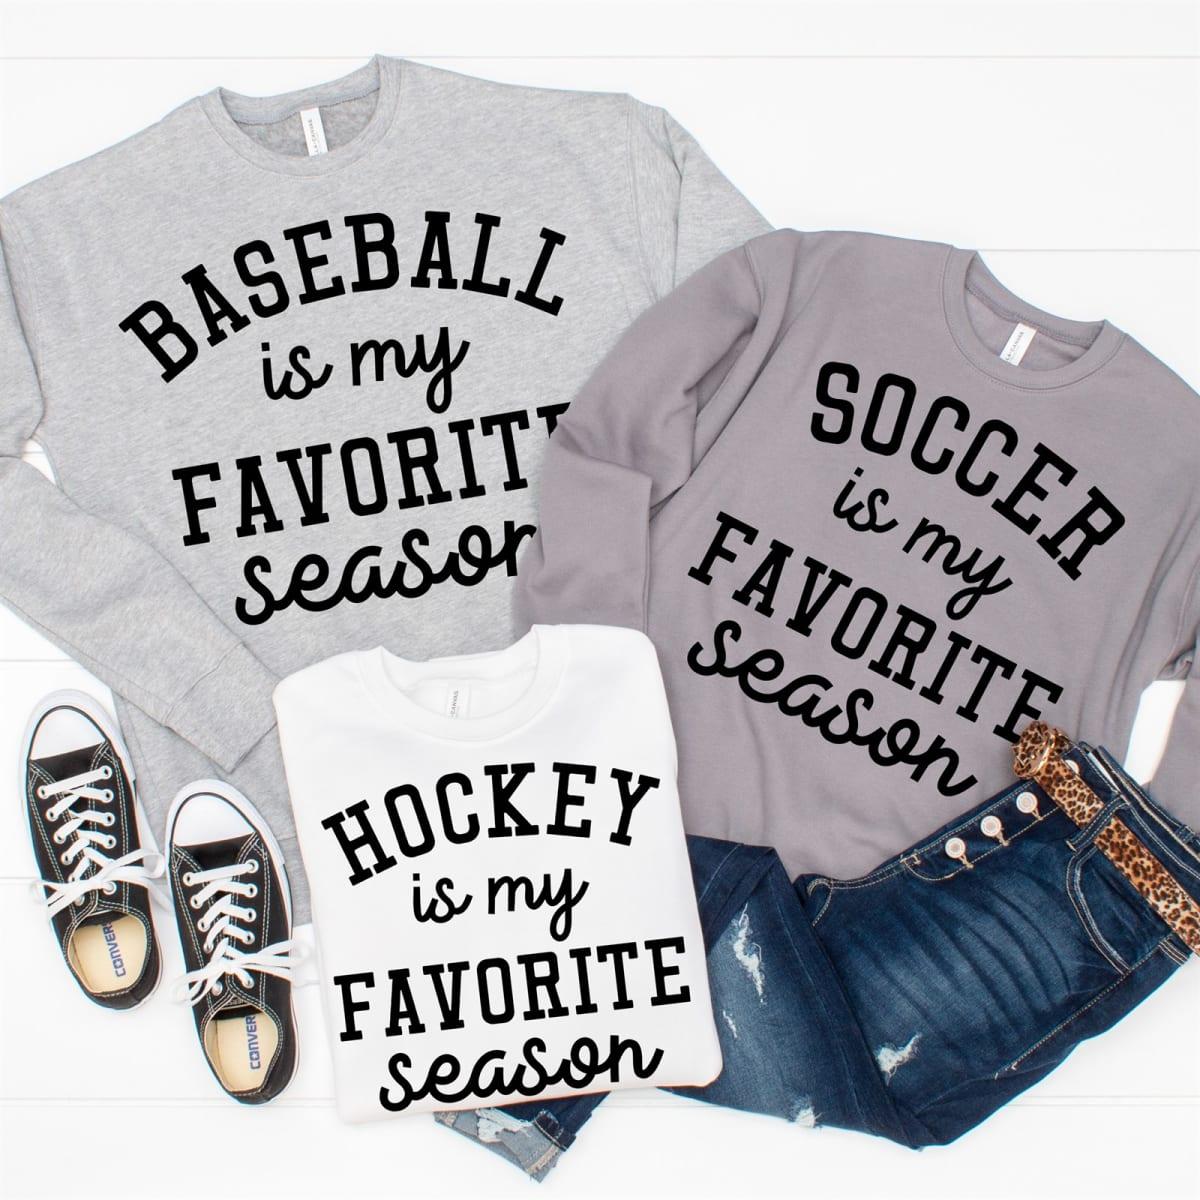 $25.98 (reg $47) Favorite Season Sweatshirts